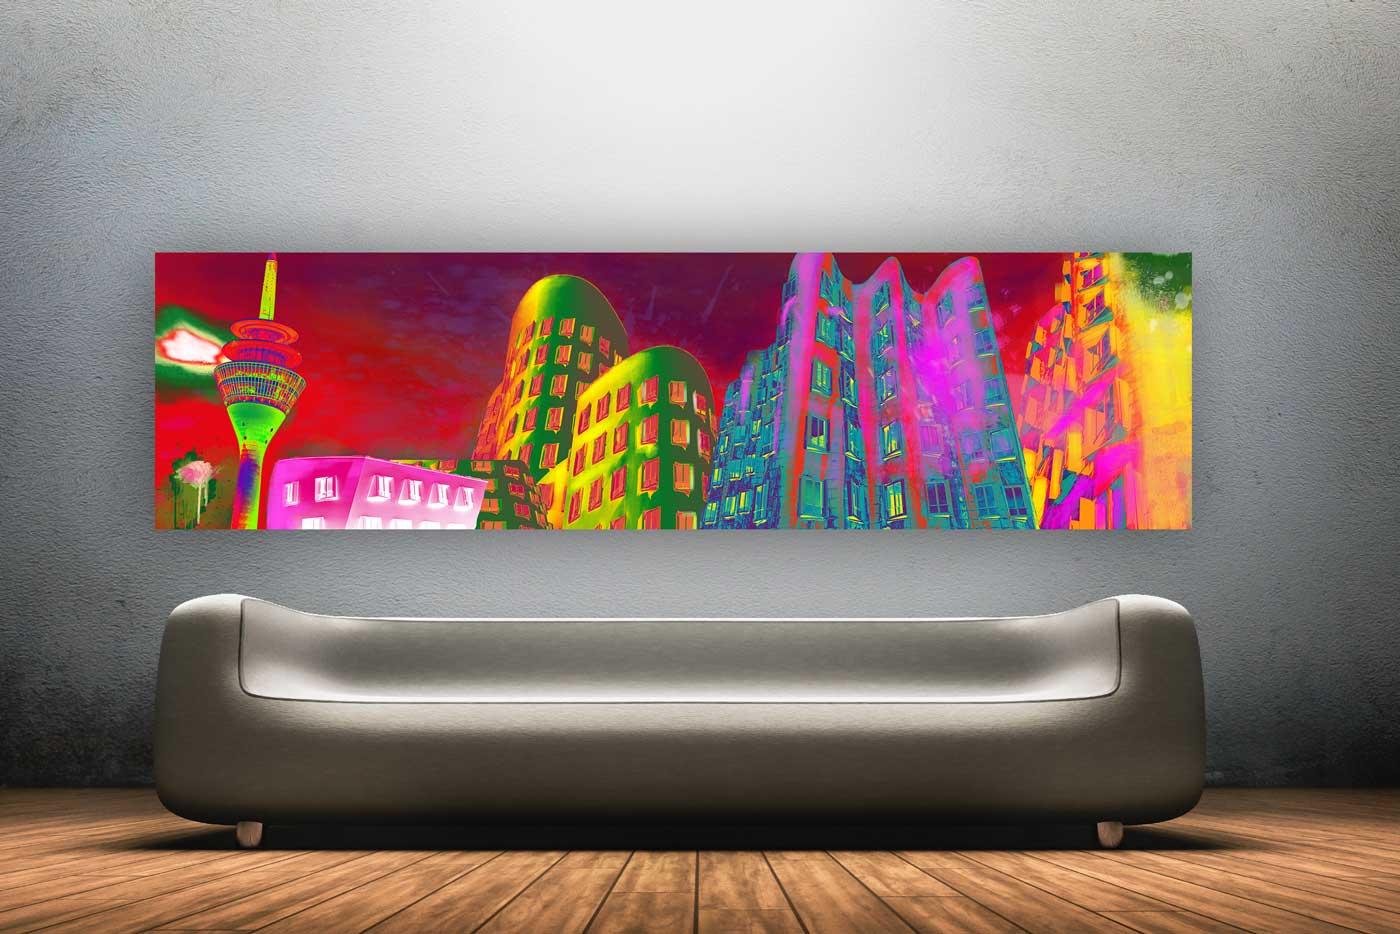 Kunst Bild Und Collage Moderner Pop Art Style Dusseldorf Modernes Dusseldorf Kunst Motiv Panorama Pop Art Kunst Bilder Und Collagen Made In Dusseldorf